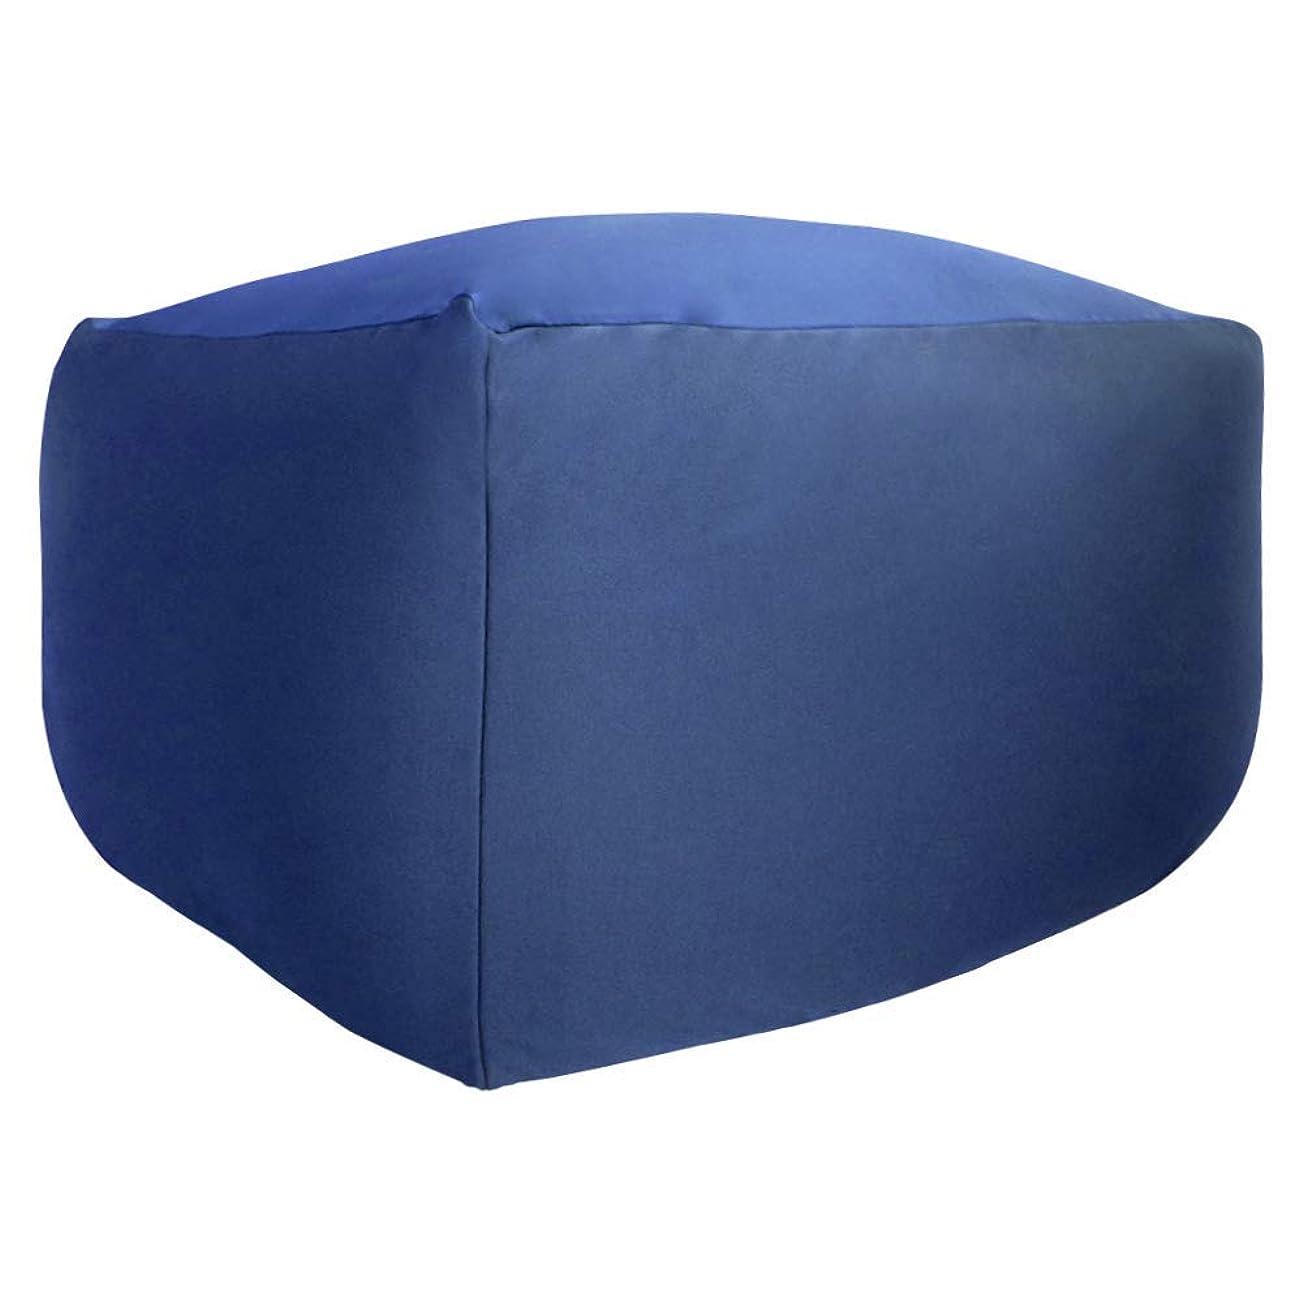 調停するできれば多様体ビーズクッション 特大 キューブ タイプ Beads Cushion BodyFit XLサイズ 9色 (NB ネイビー) 国産 マイクロビーズ 一人掛け ビーズソファ